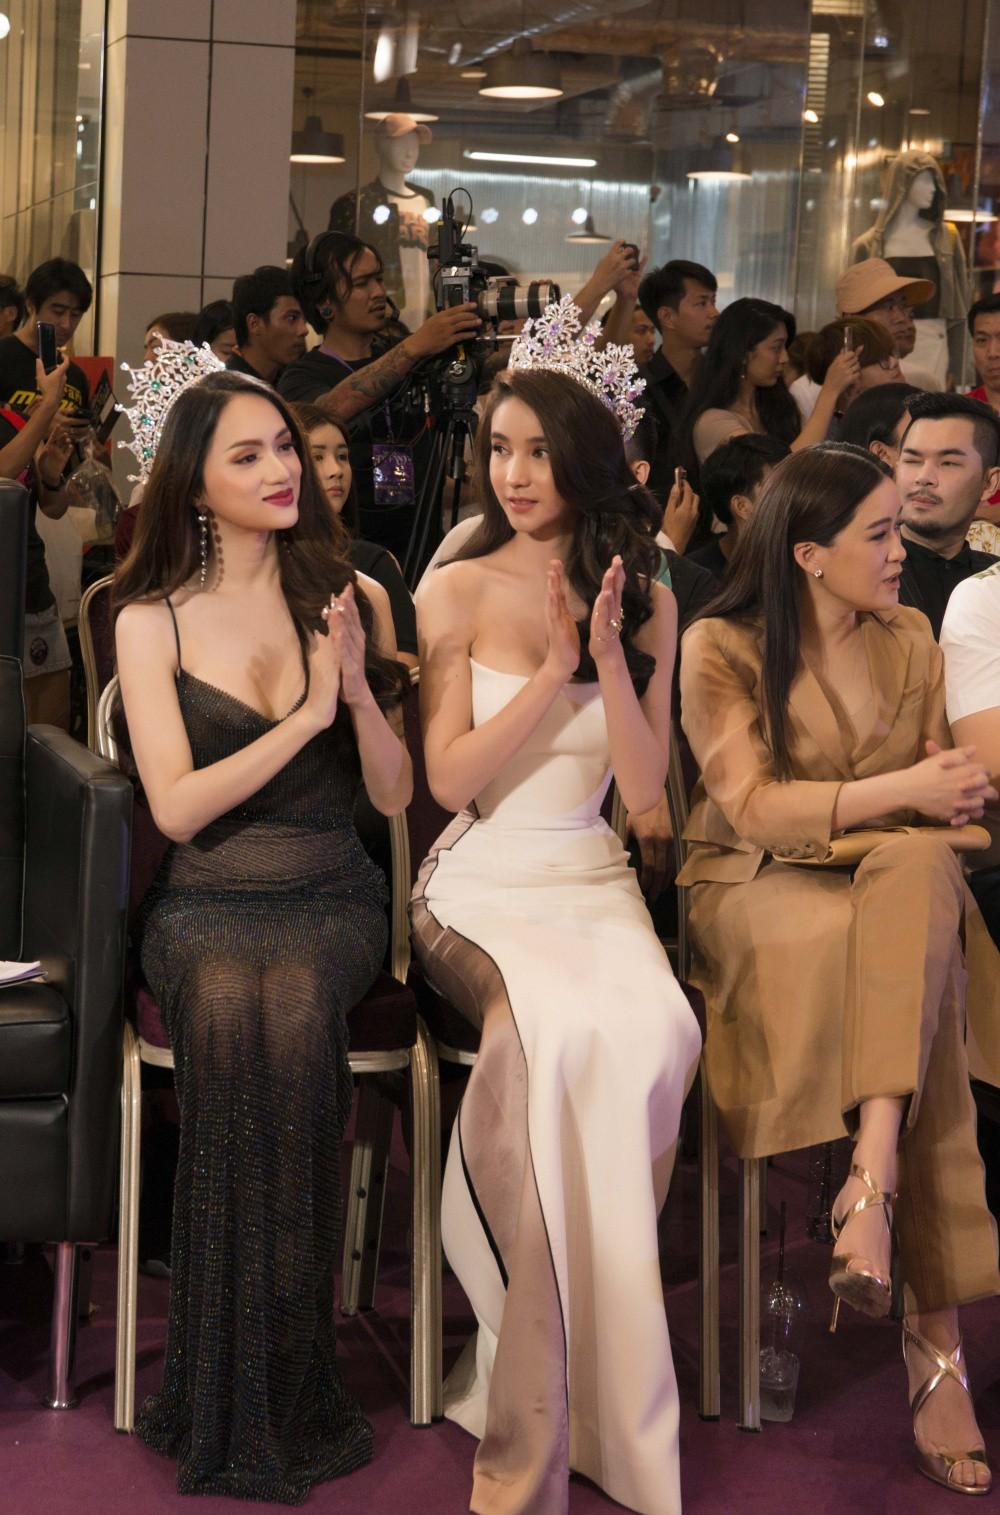 Hương Giang diện trang phục gợi cảm, đọ sắc cùng dàn mỹ nhân chuyển giới đình đám trên thảm đỏ sự kiện tại Thái Lan - Ảnh 3.